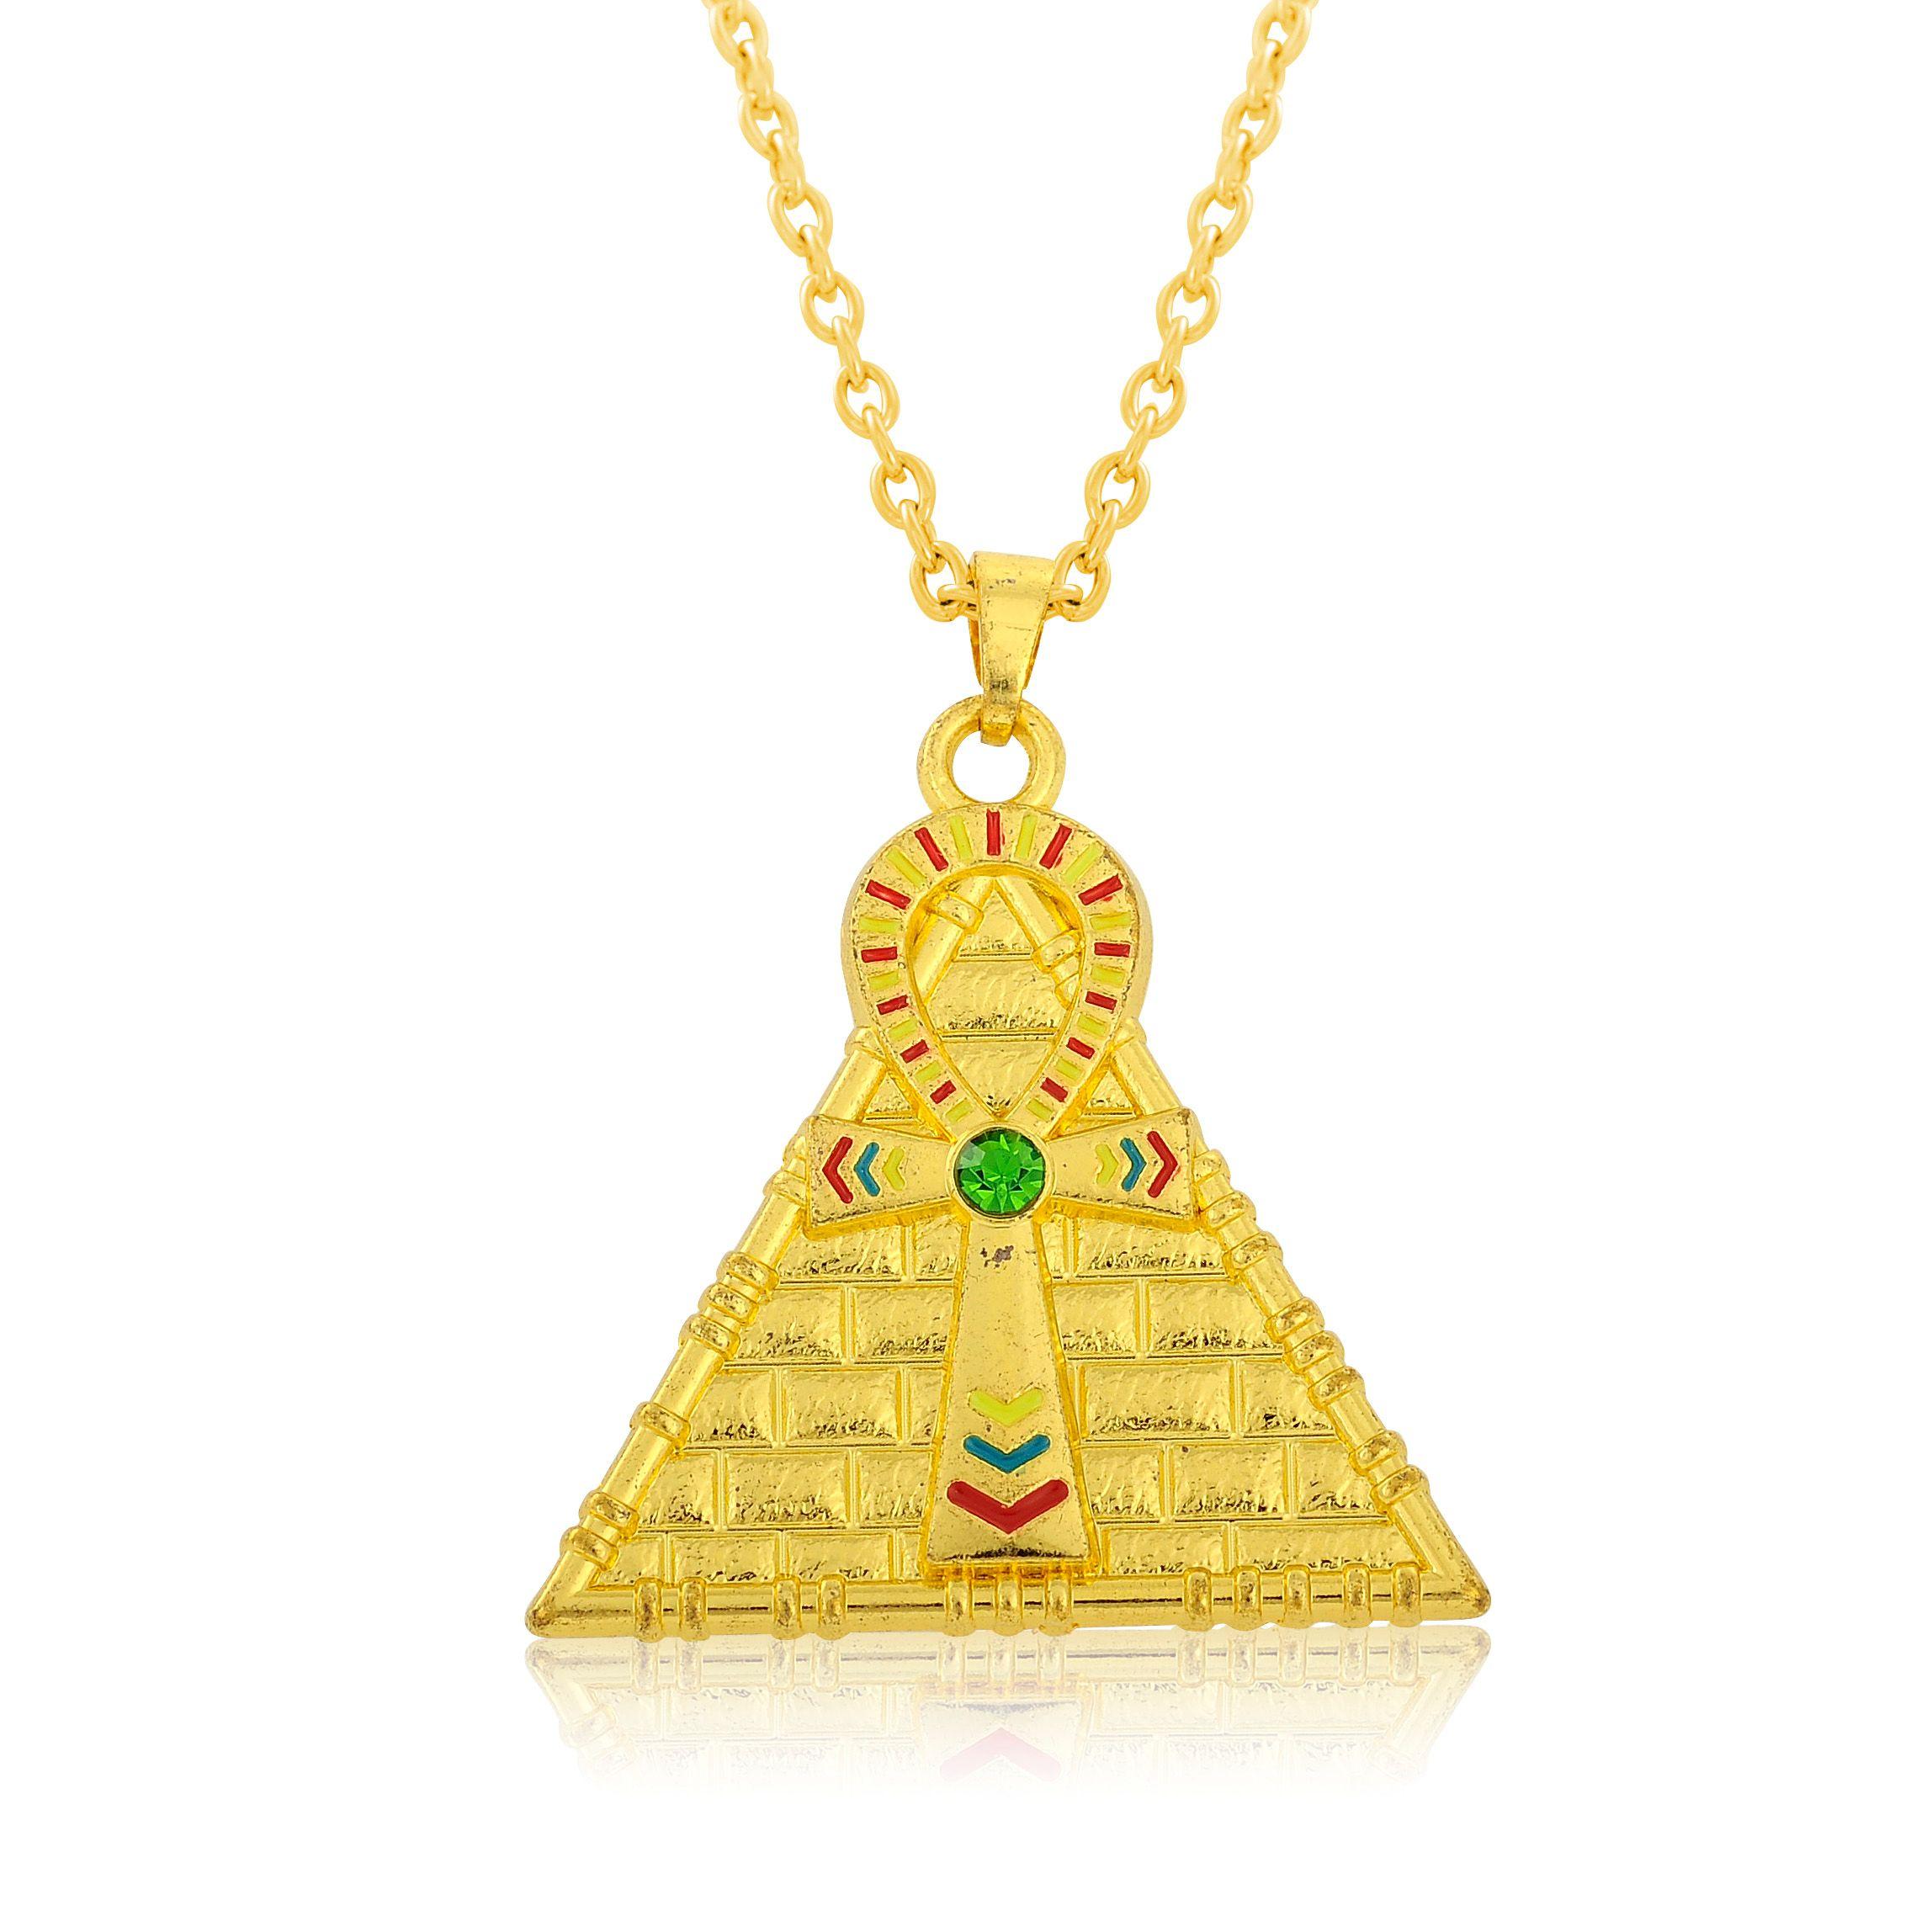 d16d3ae63c29 Moda chapado en oro esmaltado Ankh cruz pirámide medallón pirámide egipcia  joyería masculina collar colgante collar